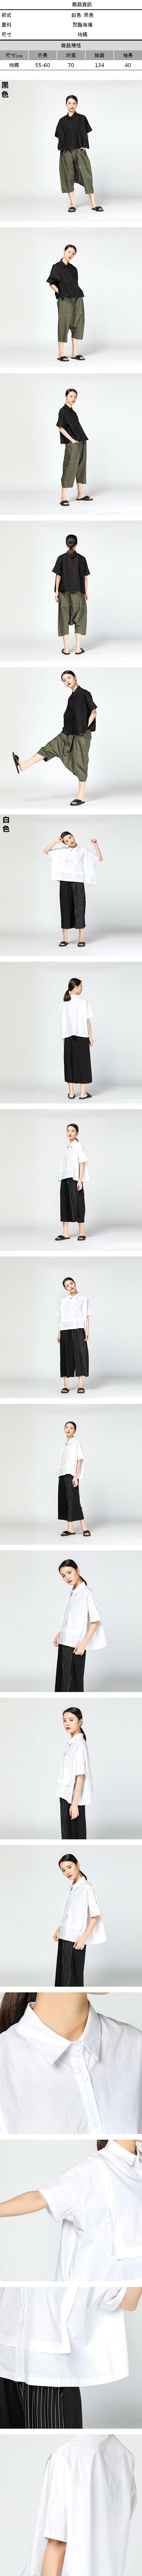 T恤-短袖不規則前短後長抽象印花女上衣